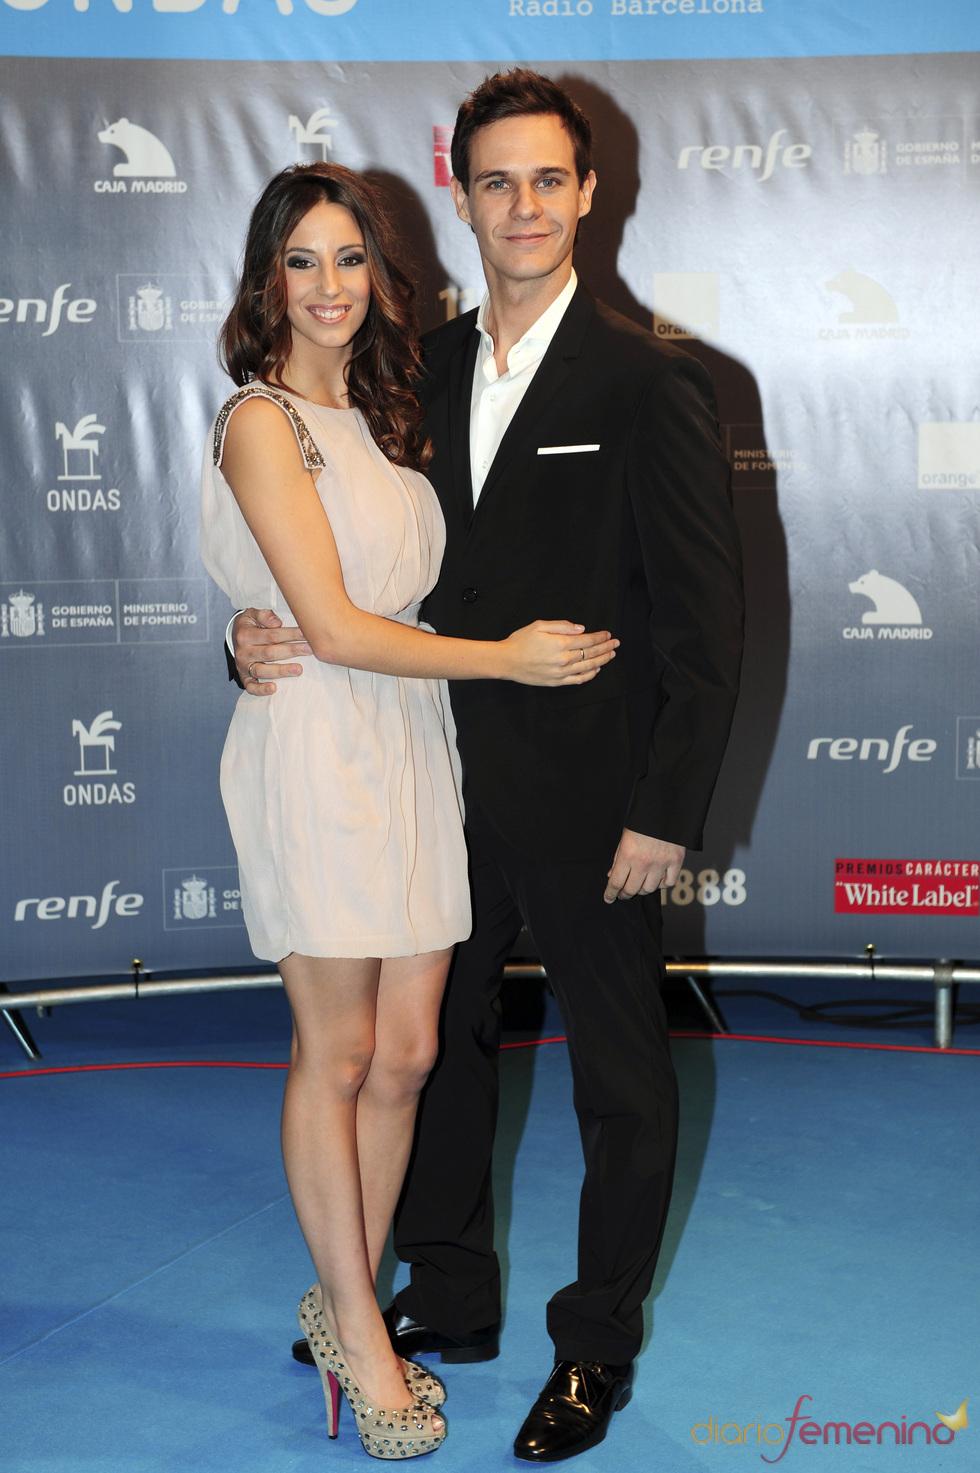 Christian Gálvez y su novia Almudena Cid en los premios Ondas 2010